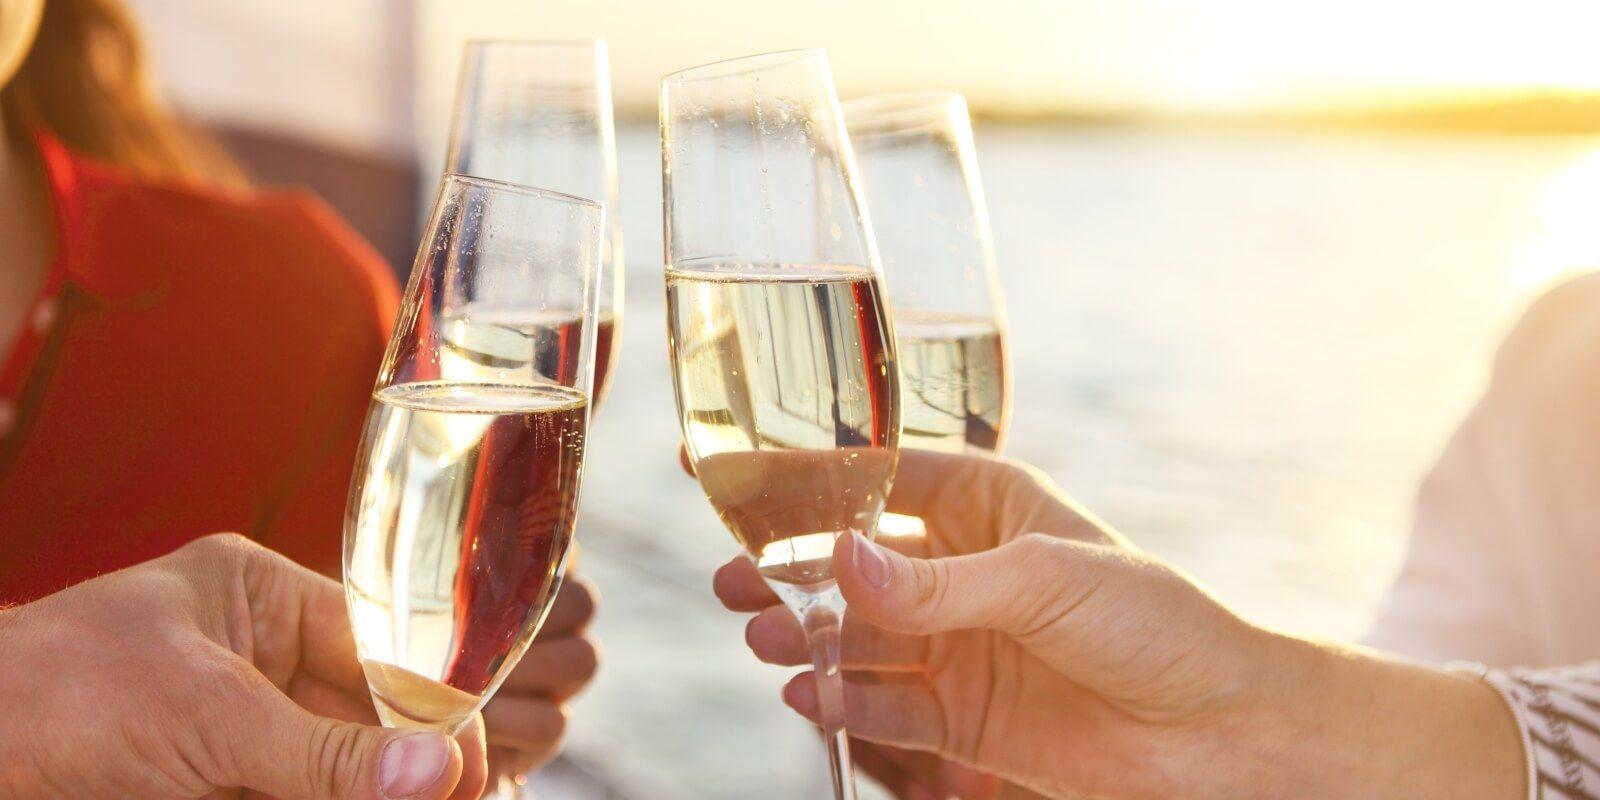 https://www.talamare.fr/medias/Cocktail avec champagne et amuse-bouches pour un événement team building d'entreprise à bord d'un yacht de location